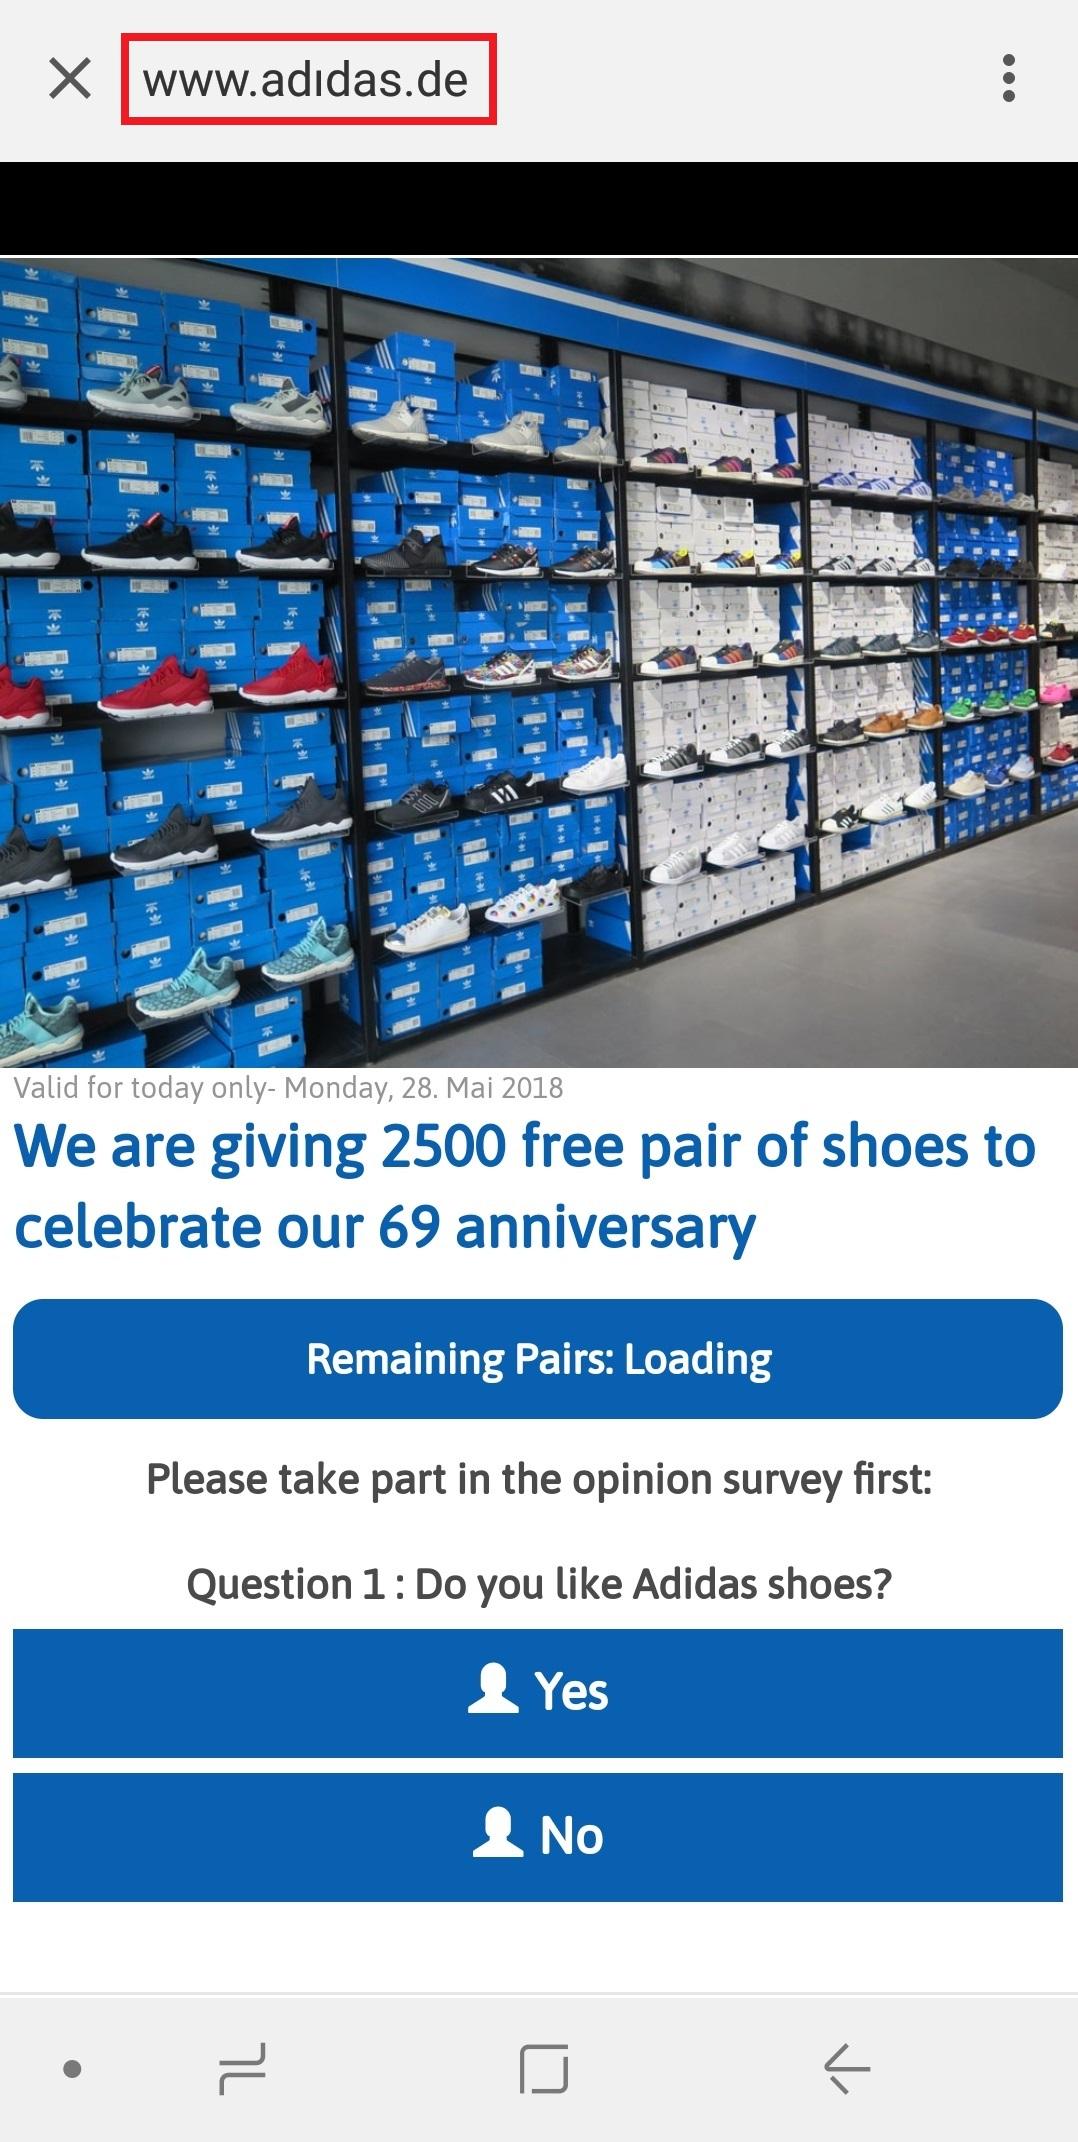 安全News|阿迪达斯69周年免费送2500双鞋?这背后的真相究竟是什么?